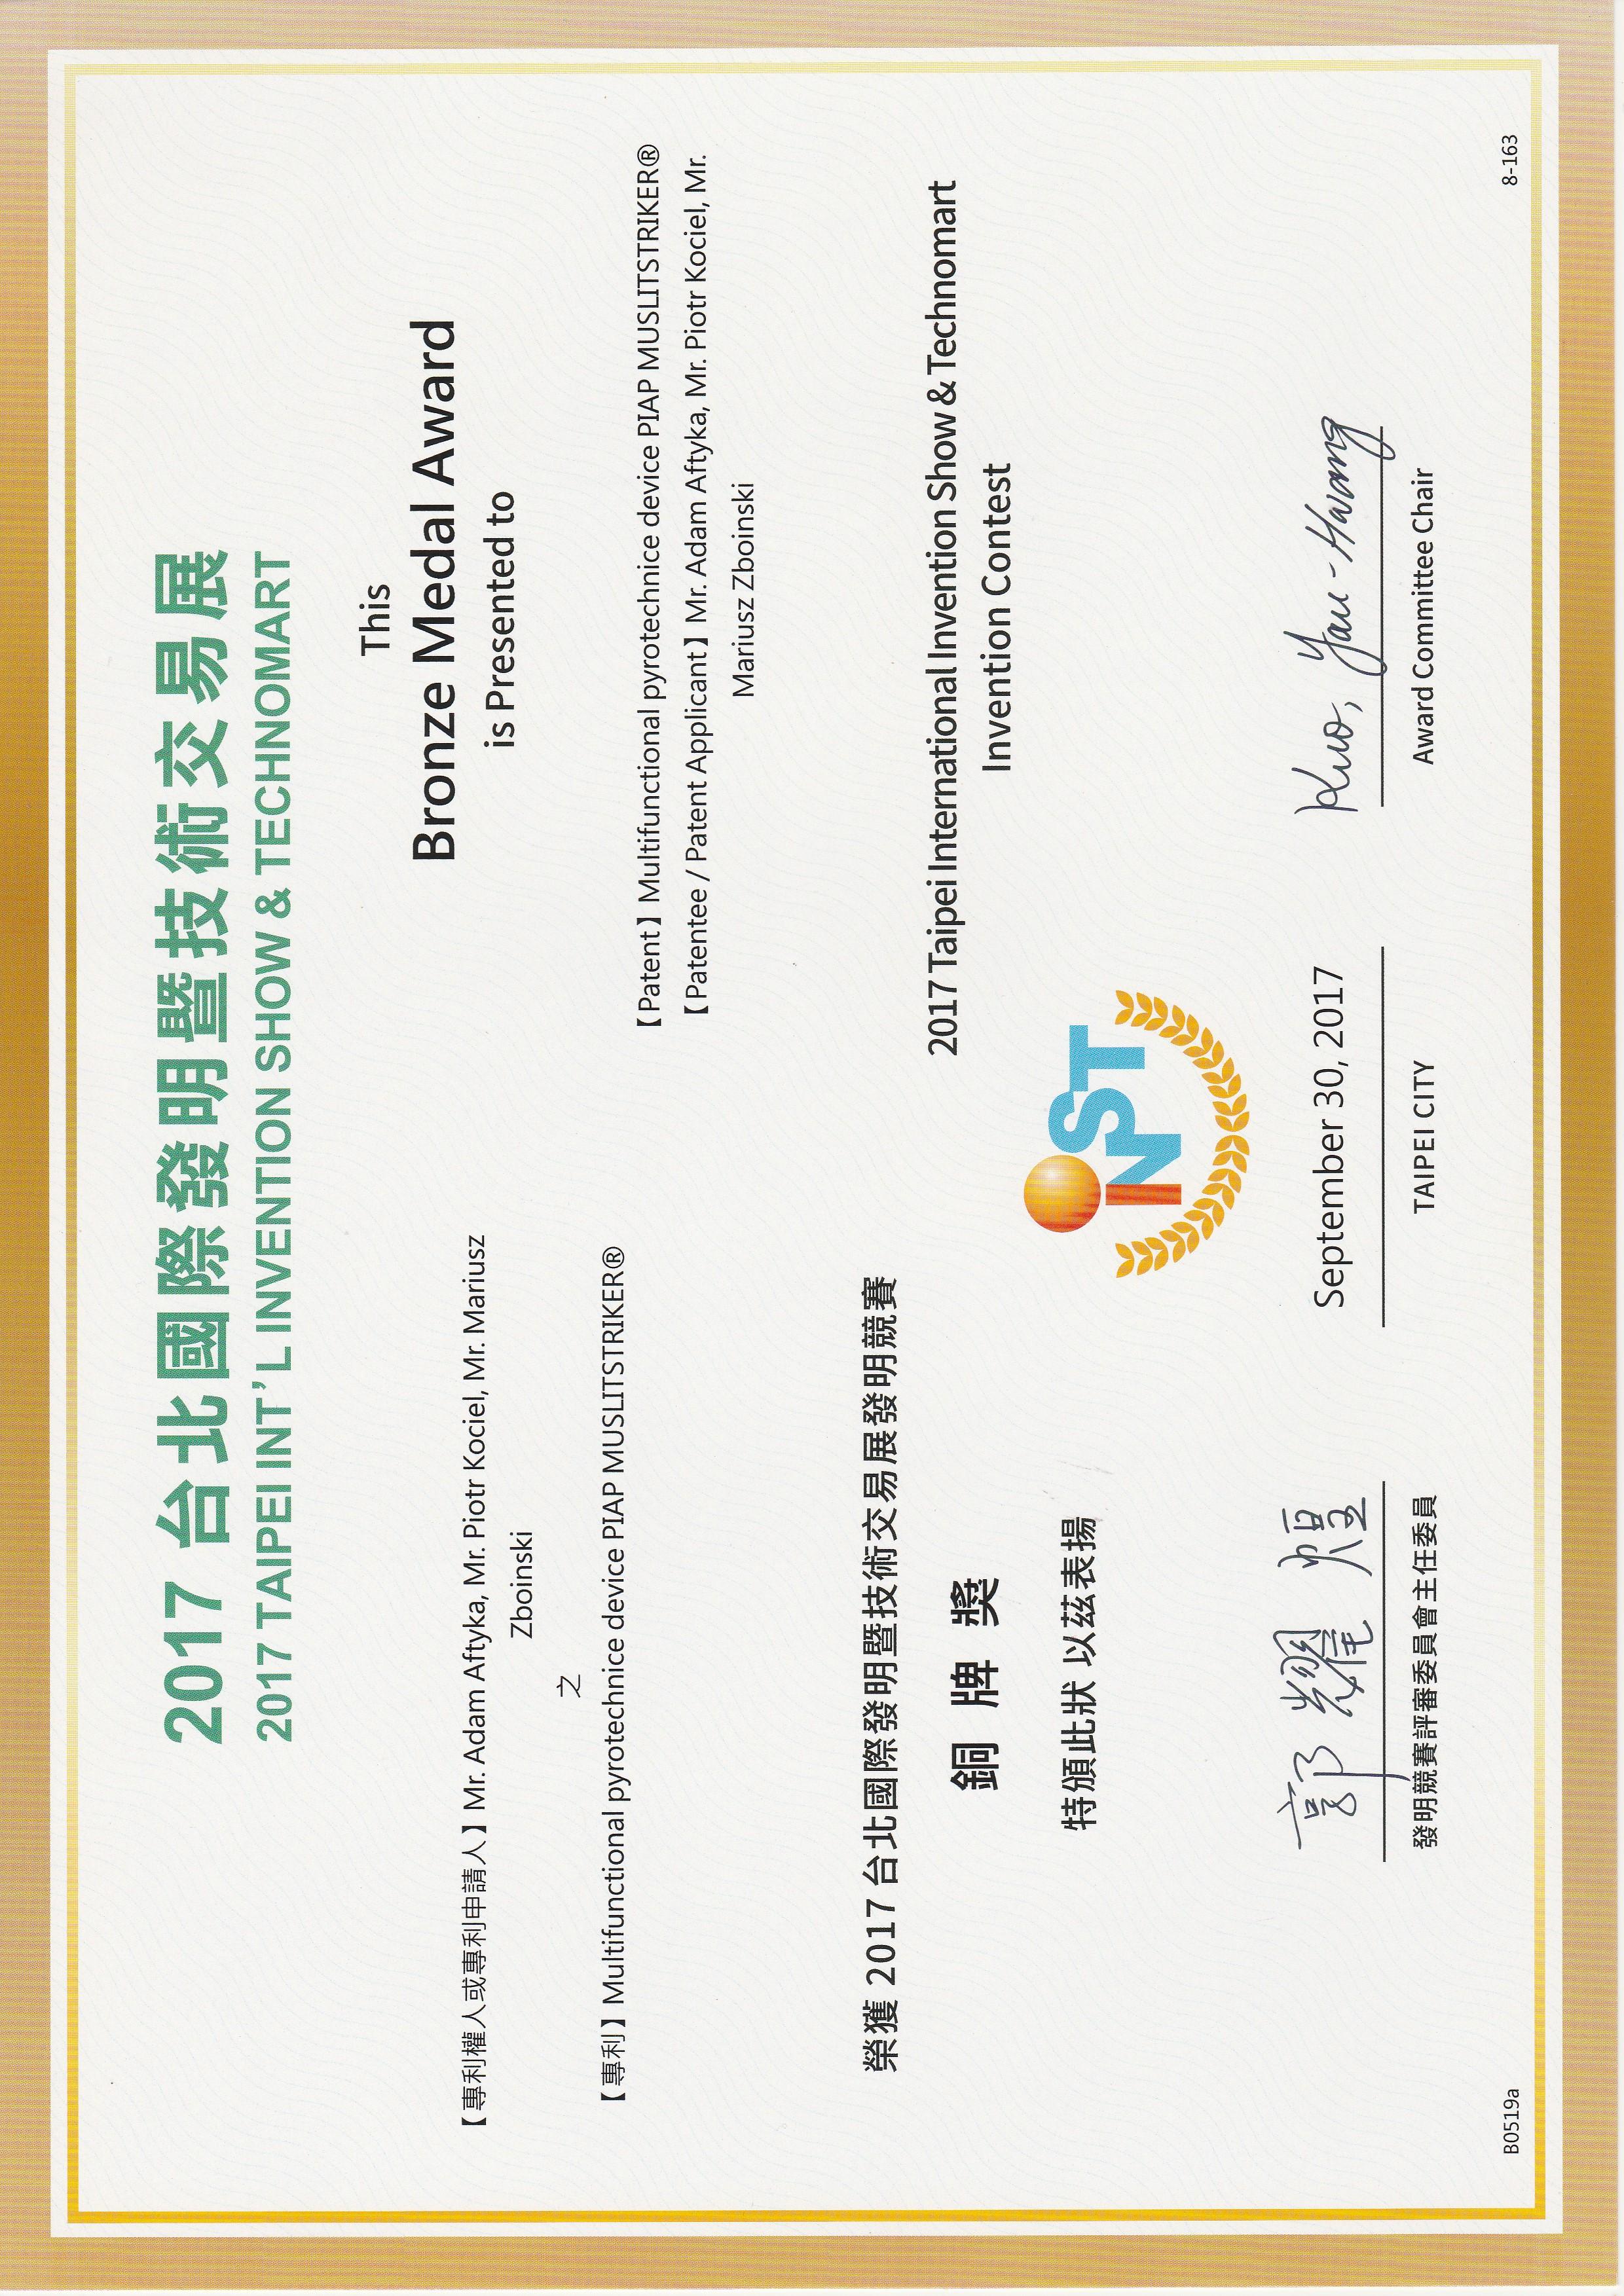 multistriker brązowy medal taipei 2017